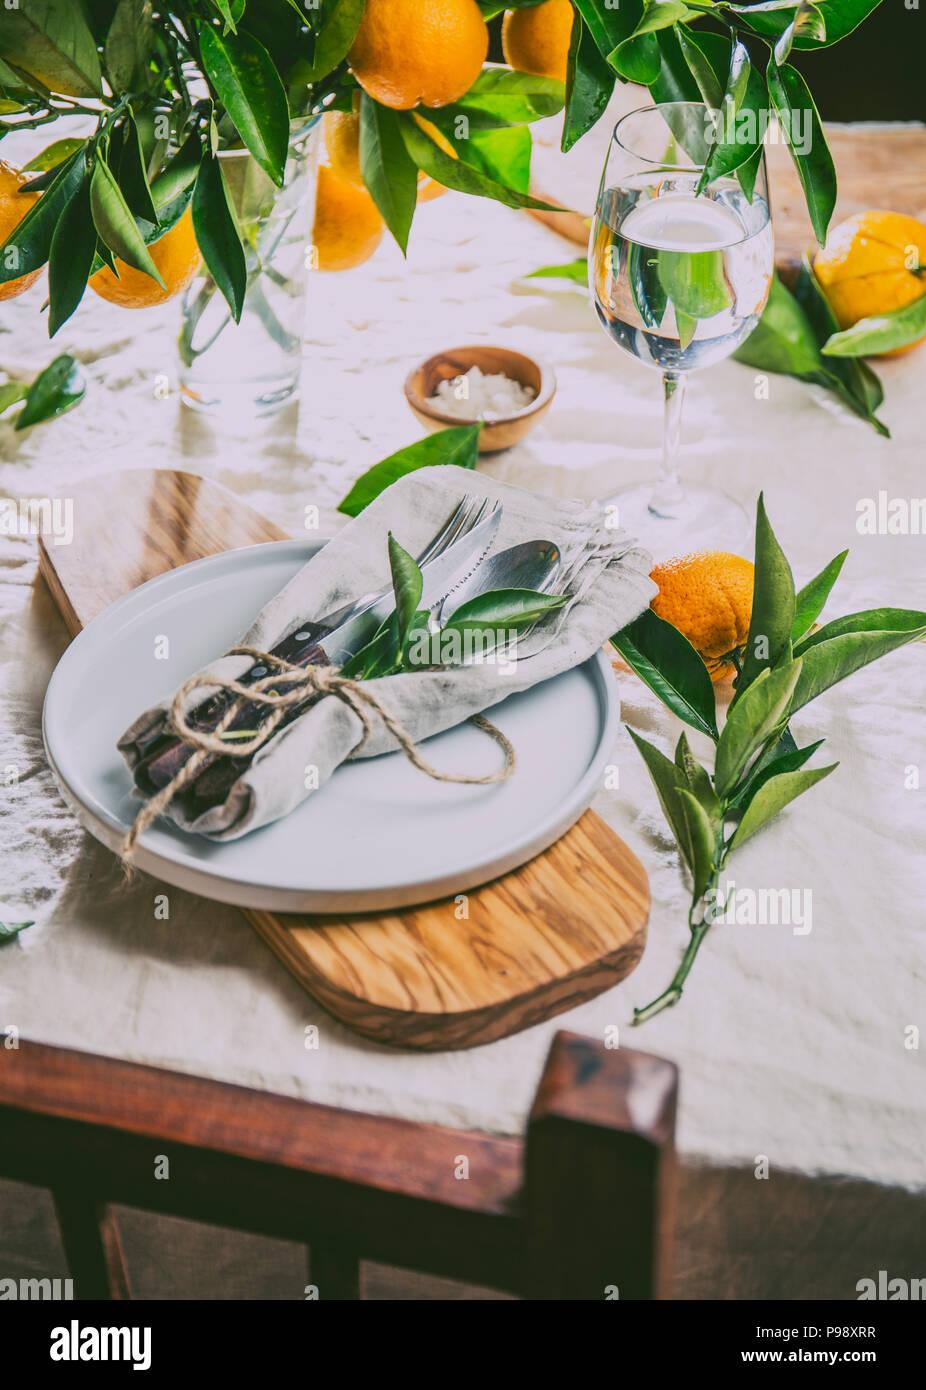 Tabelle Ambiente Mit Weissen Teller Besteck Serviette Und Orange Tree Branch Dekoration Auf Weissem Leinen Tischdecke Close Up Tabelle Mit Tisch Und Shair Stockfotografie Alamy